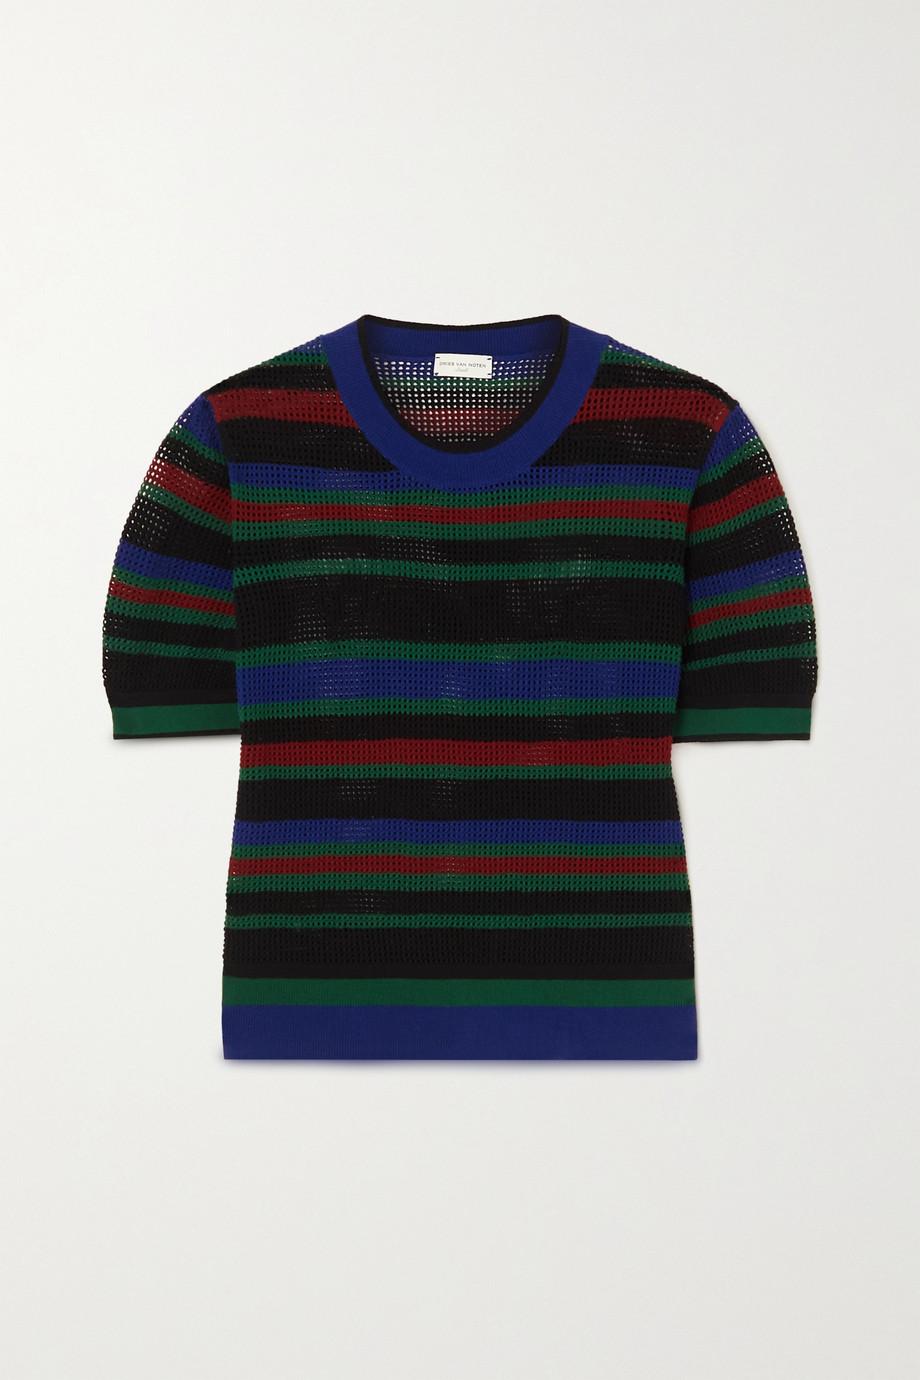 Dries Van Noten T-shirt en résille à rayures